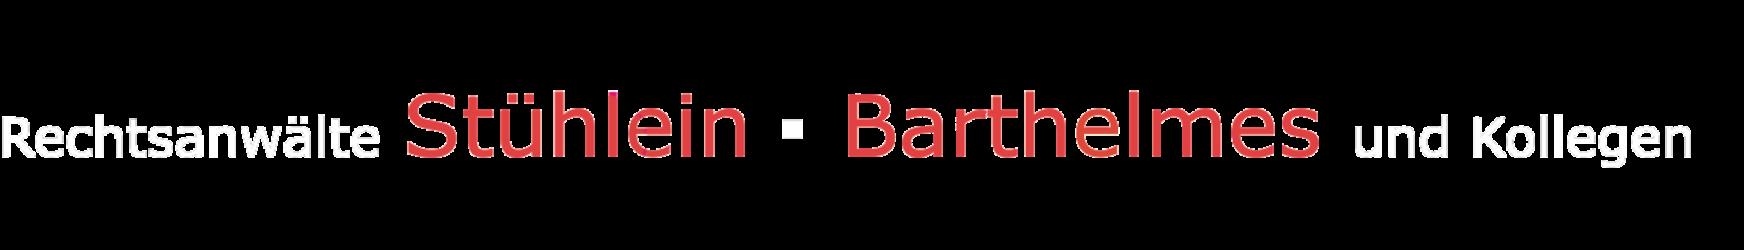 Stühlein, Barthelmes & Kollegen